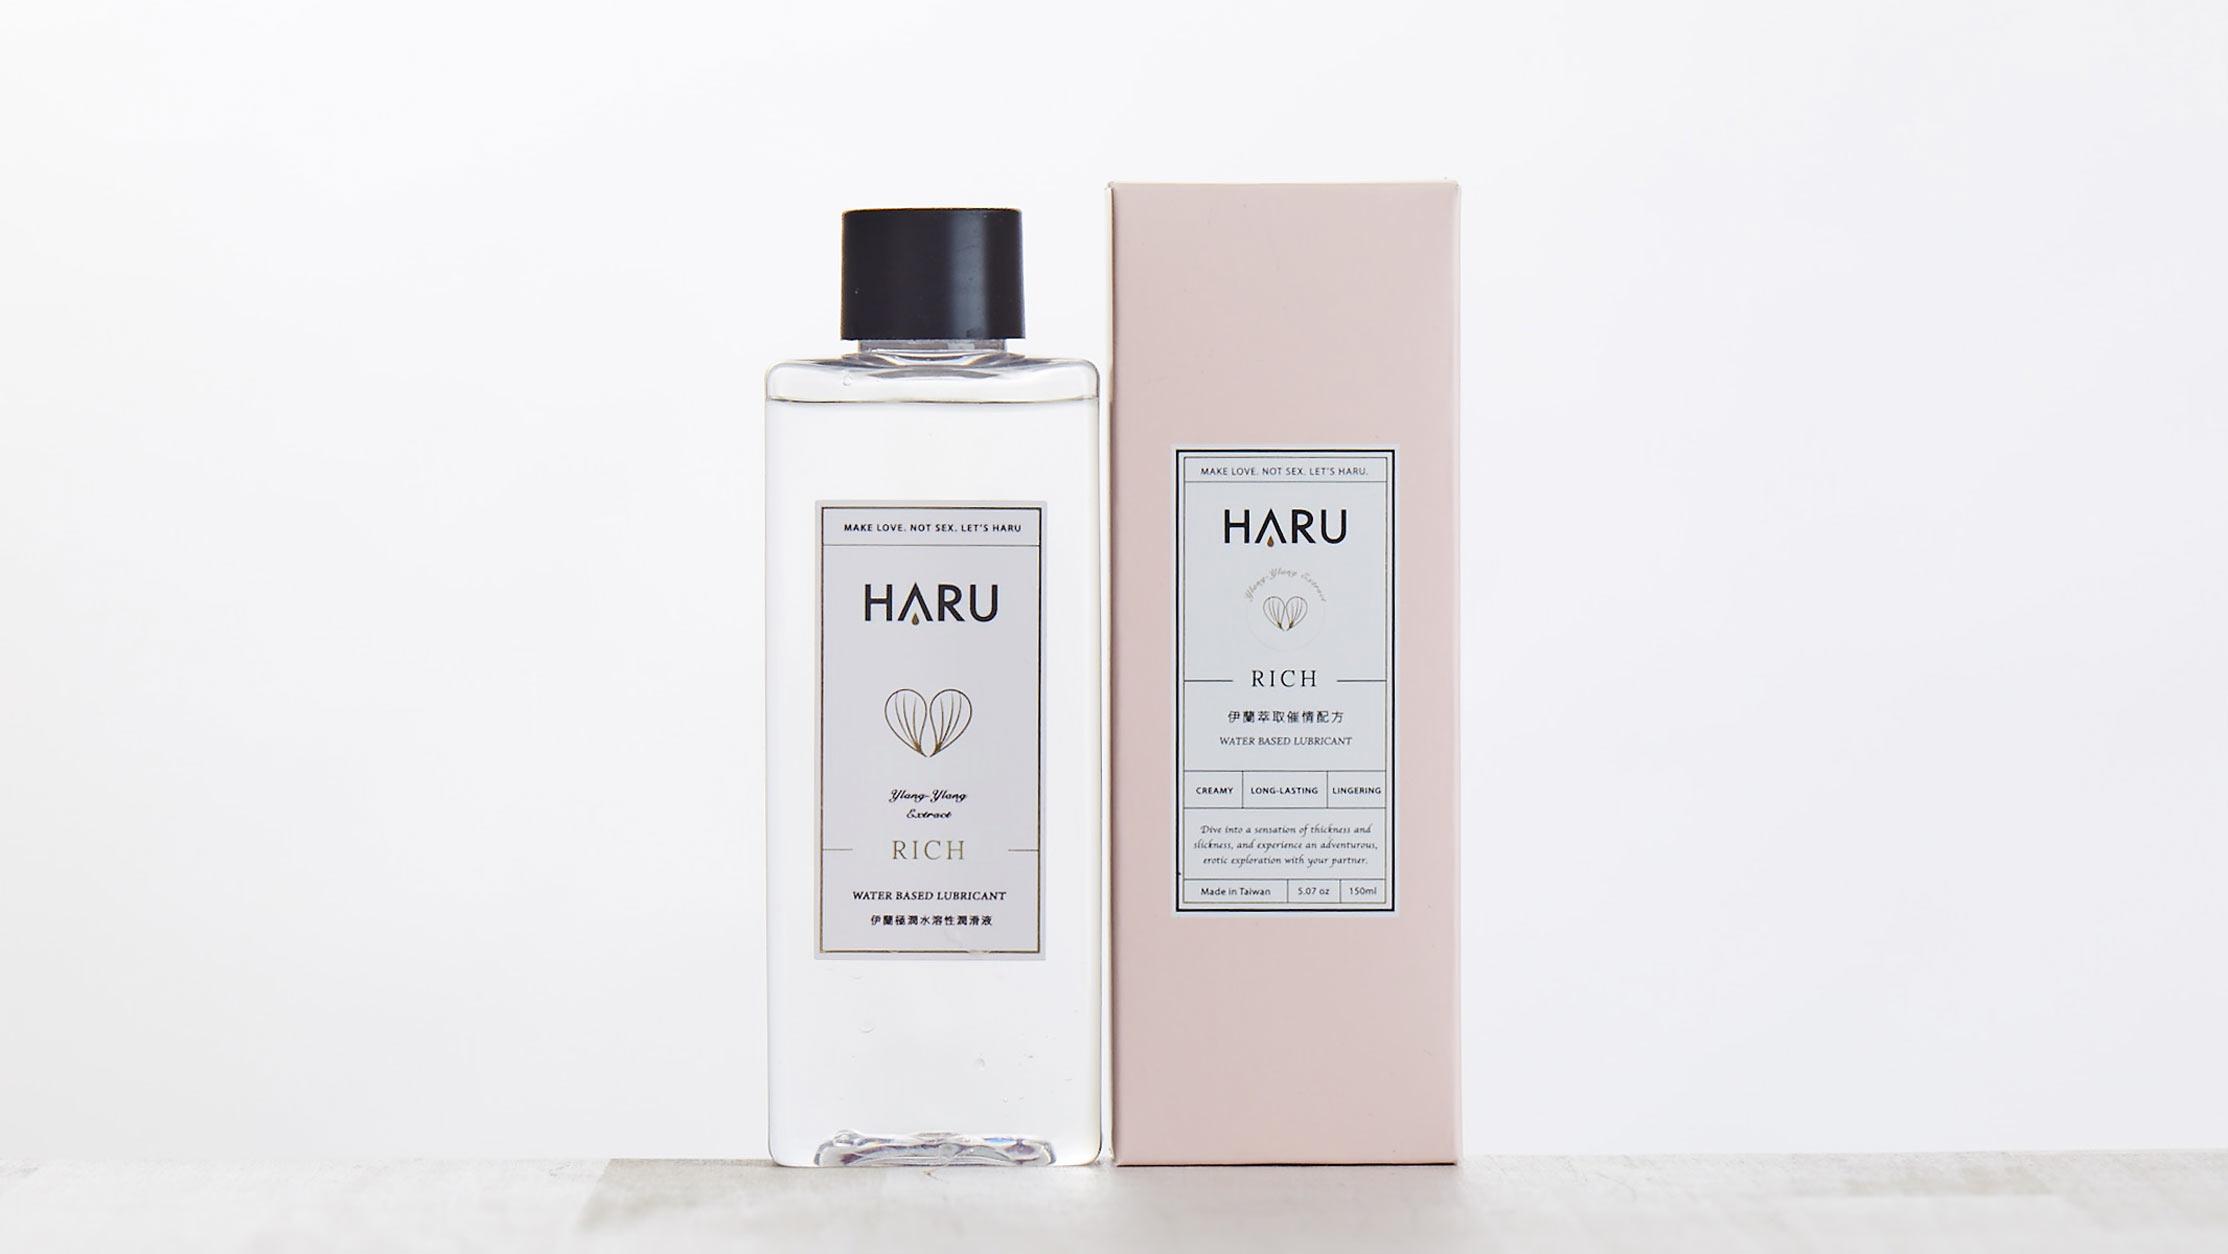 haru 潤滑液